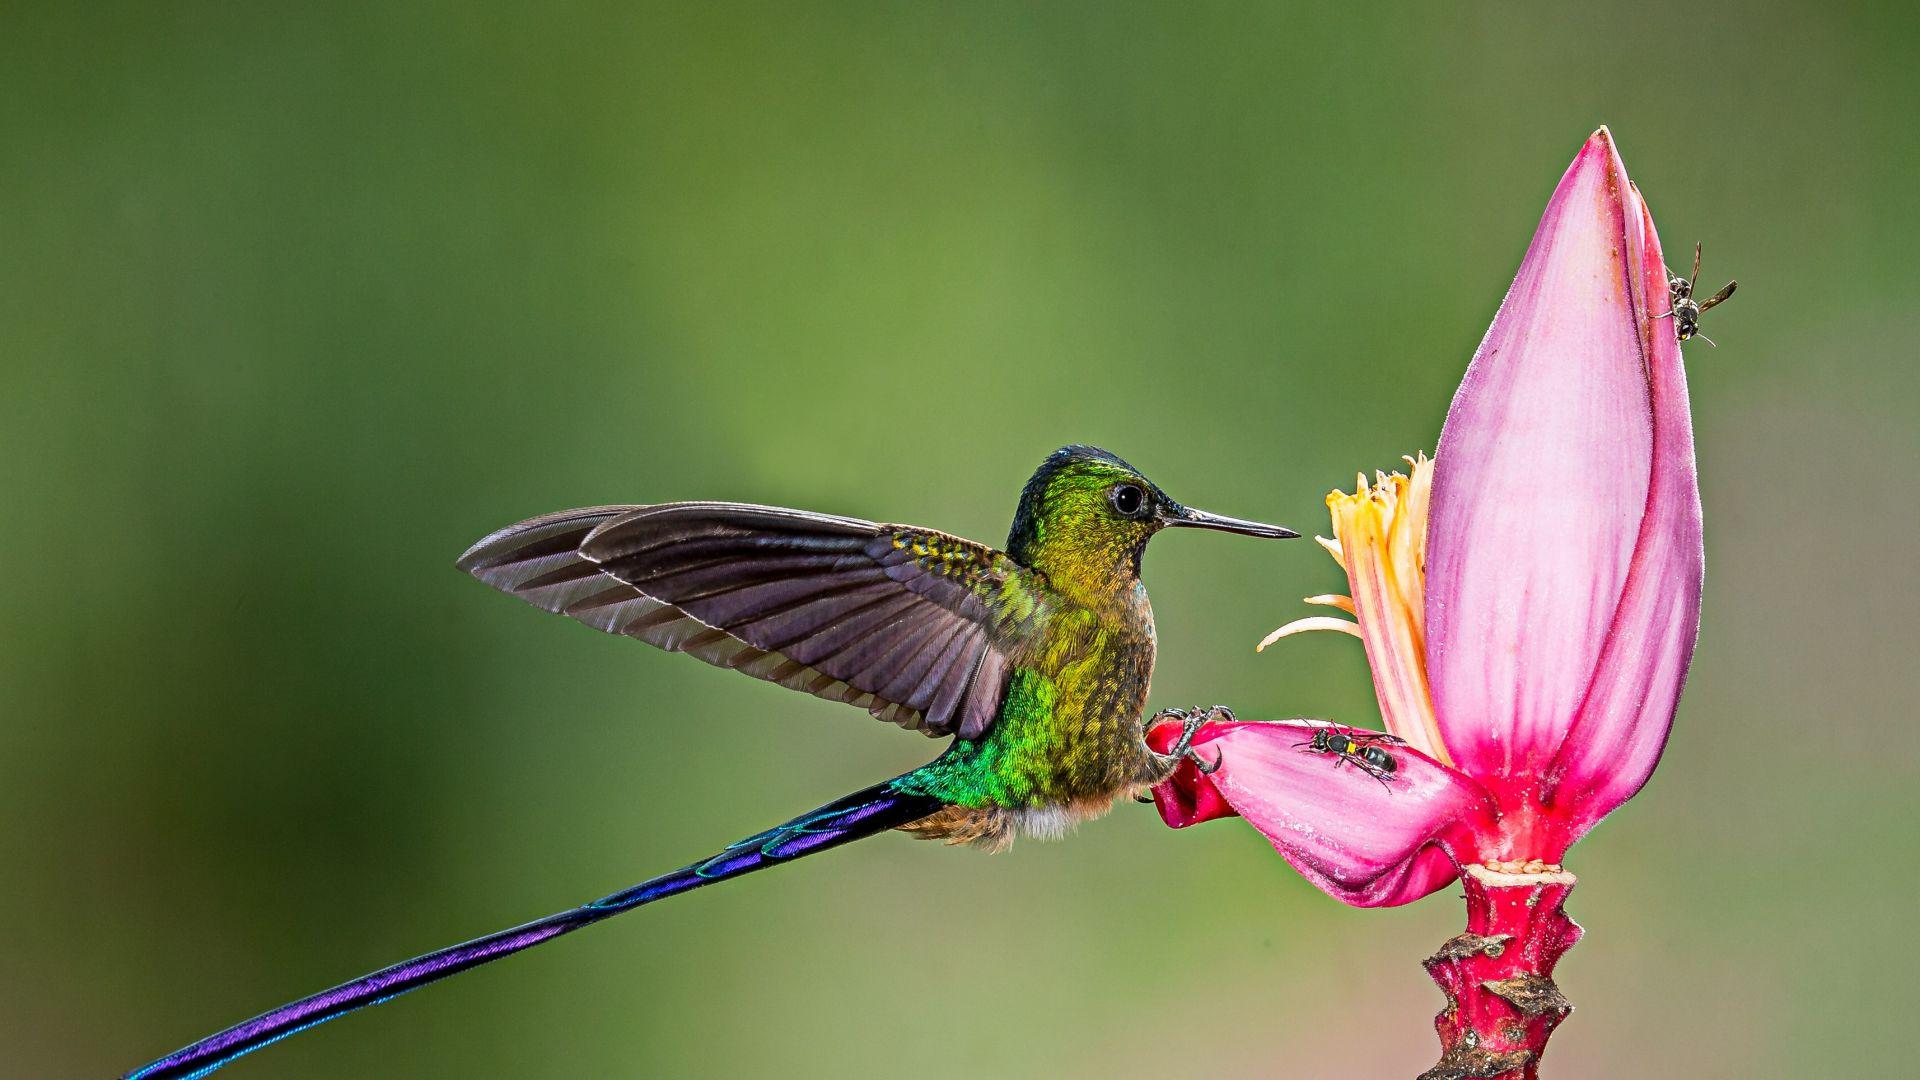 Desktop Wallpaper Hummingbird Long Tail Bird Flower Hd